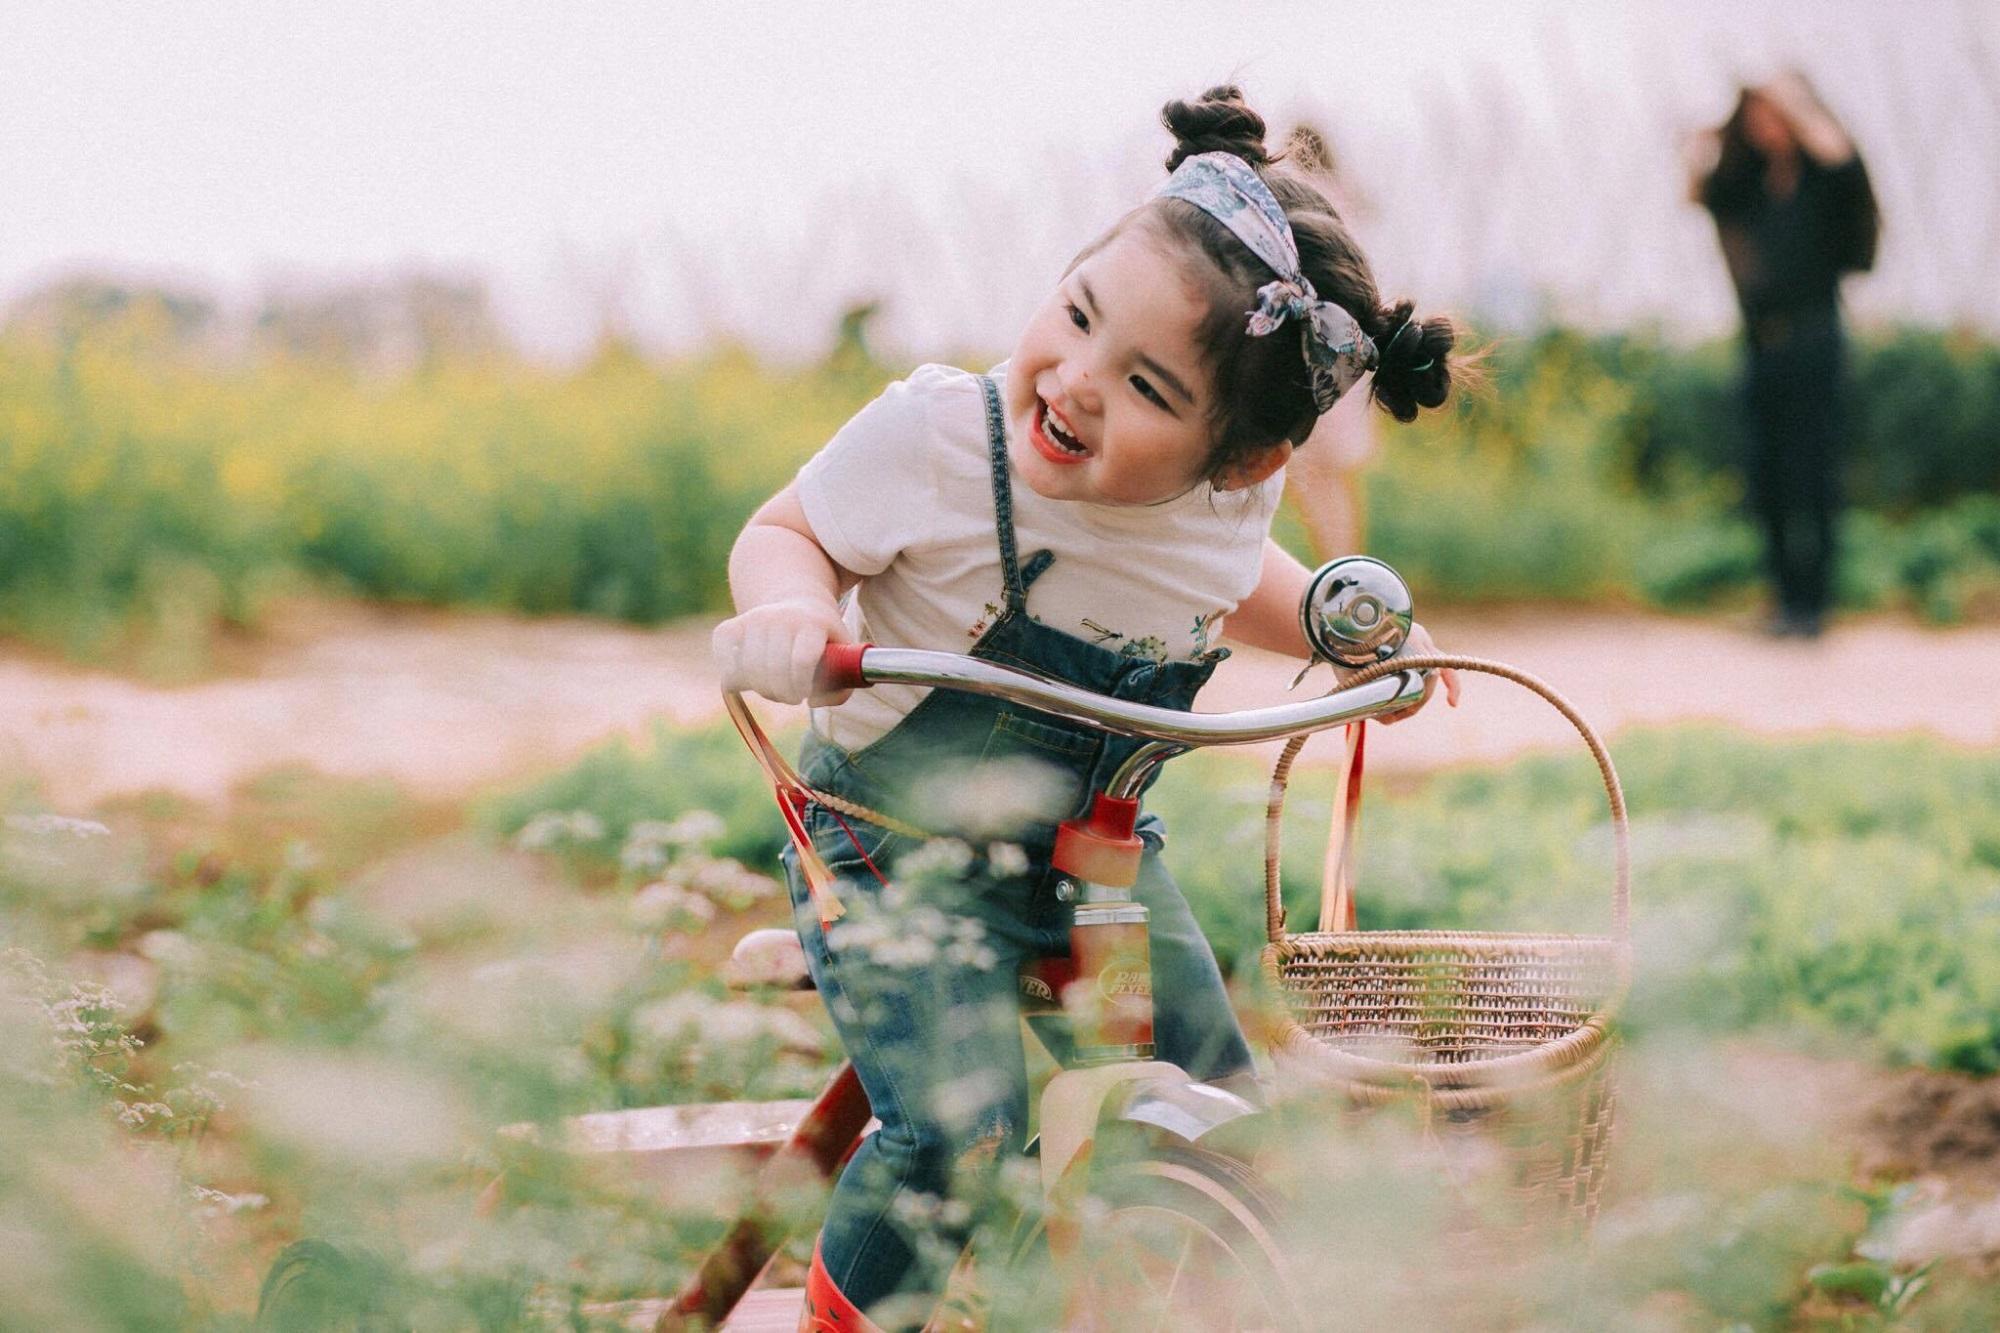 Phiên bản 'thiếu nữ bên hoa huệ' của cô bé 5 tuổi 'gây bão' cộng đồng mạng, hội chị em nhất quyết 'phải sinh con gái' - Ảnh 11